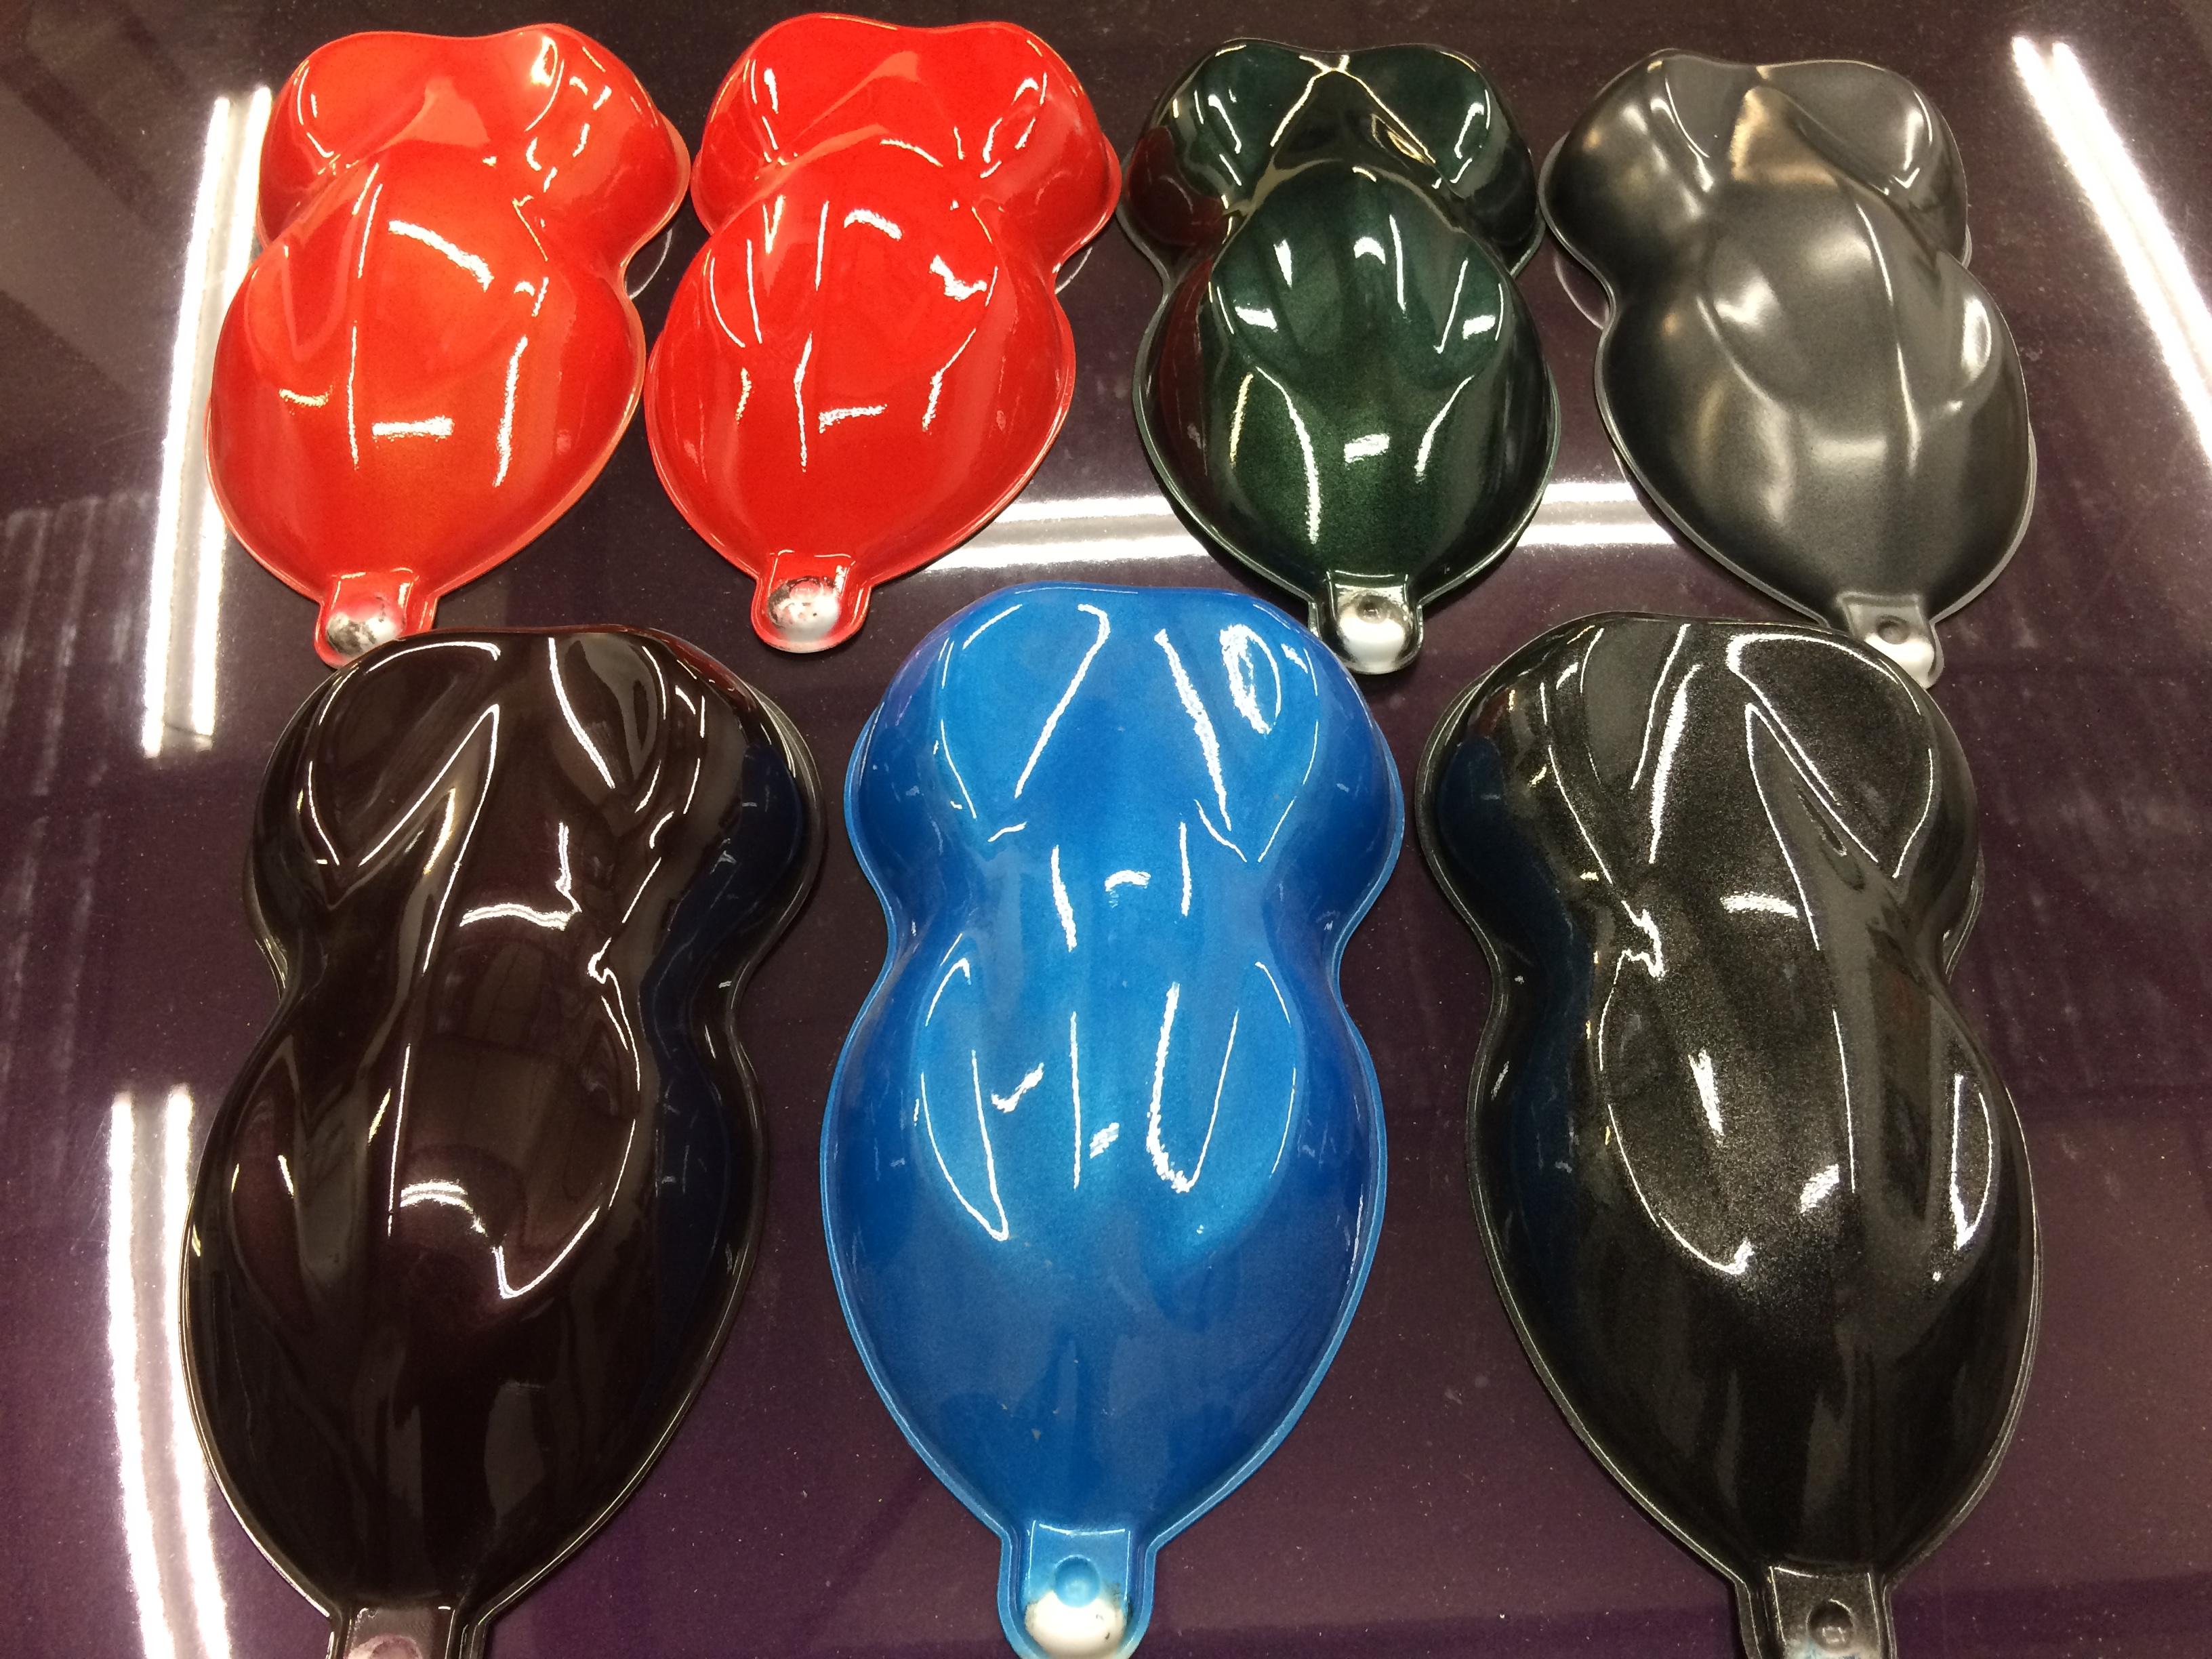 Colour samples for resprays